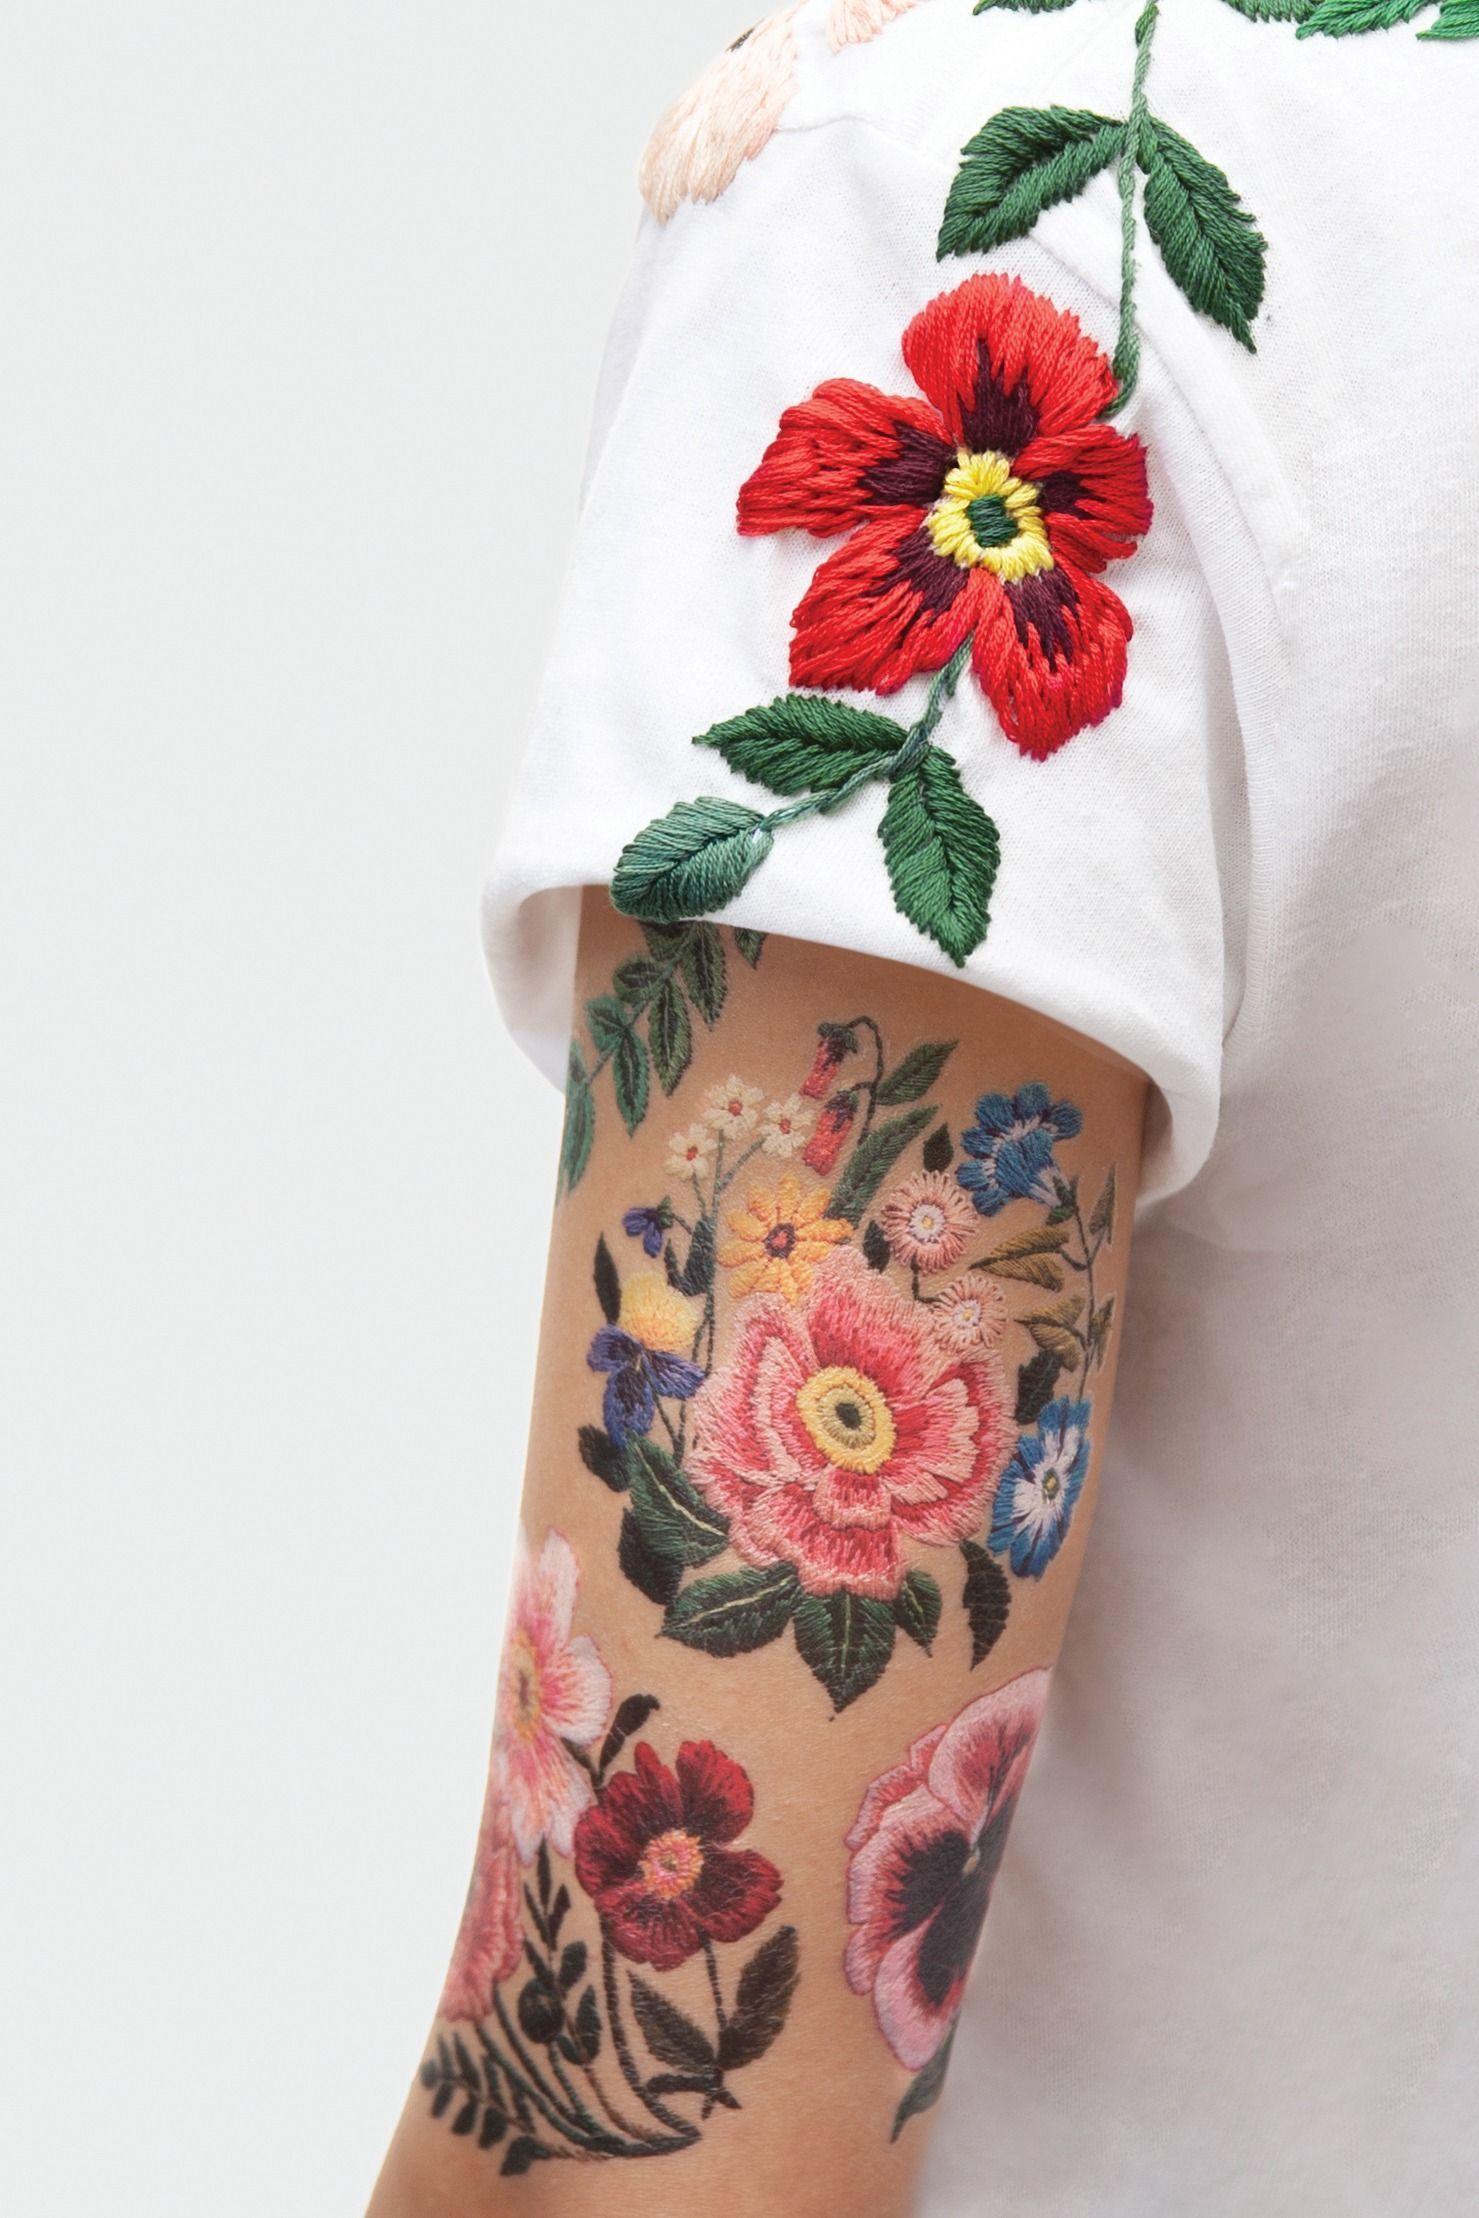 Elegir el diseñe delaware united nations tatuaje virtually no siempre es lo máersus sencillo, ya cual debes considerar muchas cosas, desde el tipo delaware línea, tamañe, colour, lugar donde lo lo vas the hacer (sobre todo por chicago dósis signifiant dolor cual significa), etc. Gym aunque es una elecciód muy private, aquí lo dejamos algunas concepts signifiant tatuajes pequeños in this handset qui ademávertisements environnant le... #Embroidery #Perlow #Set #Tattly #tatuaje mexicano #Tessa